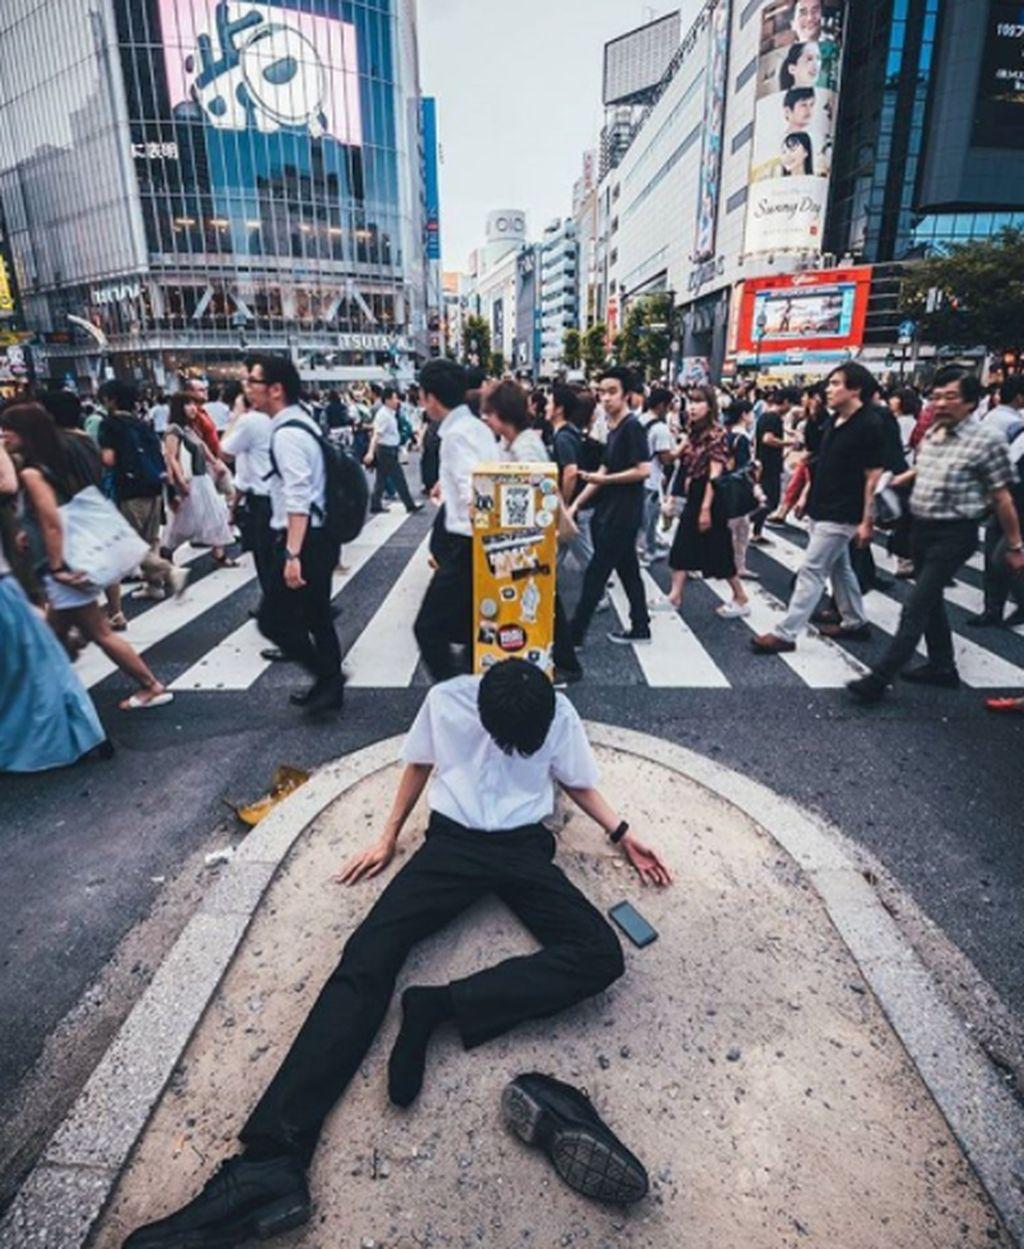 Instagram yang beralamatkan di shibuyameltdown itu mengumpulkan foto orang Jepang tumbang karena kelelahan bekerja atau mabuk. Foto: Instagram